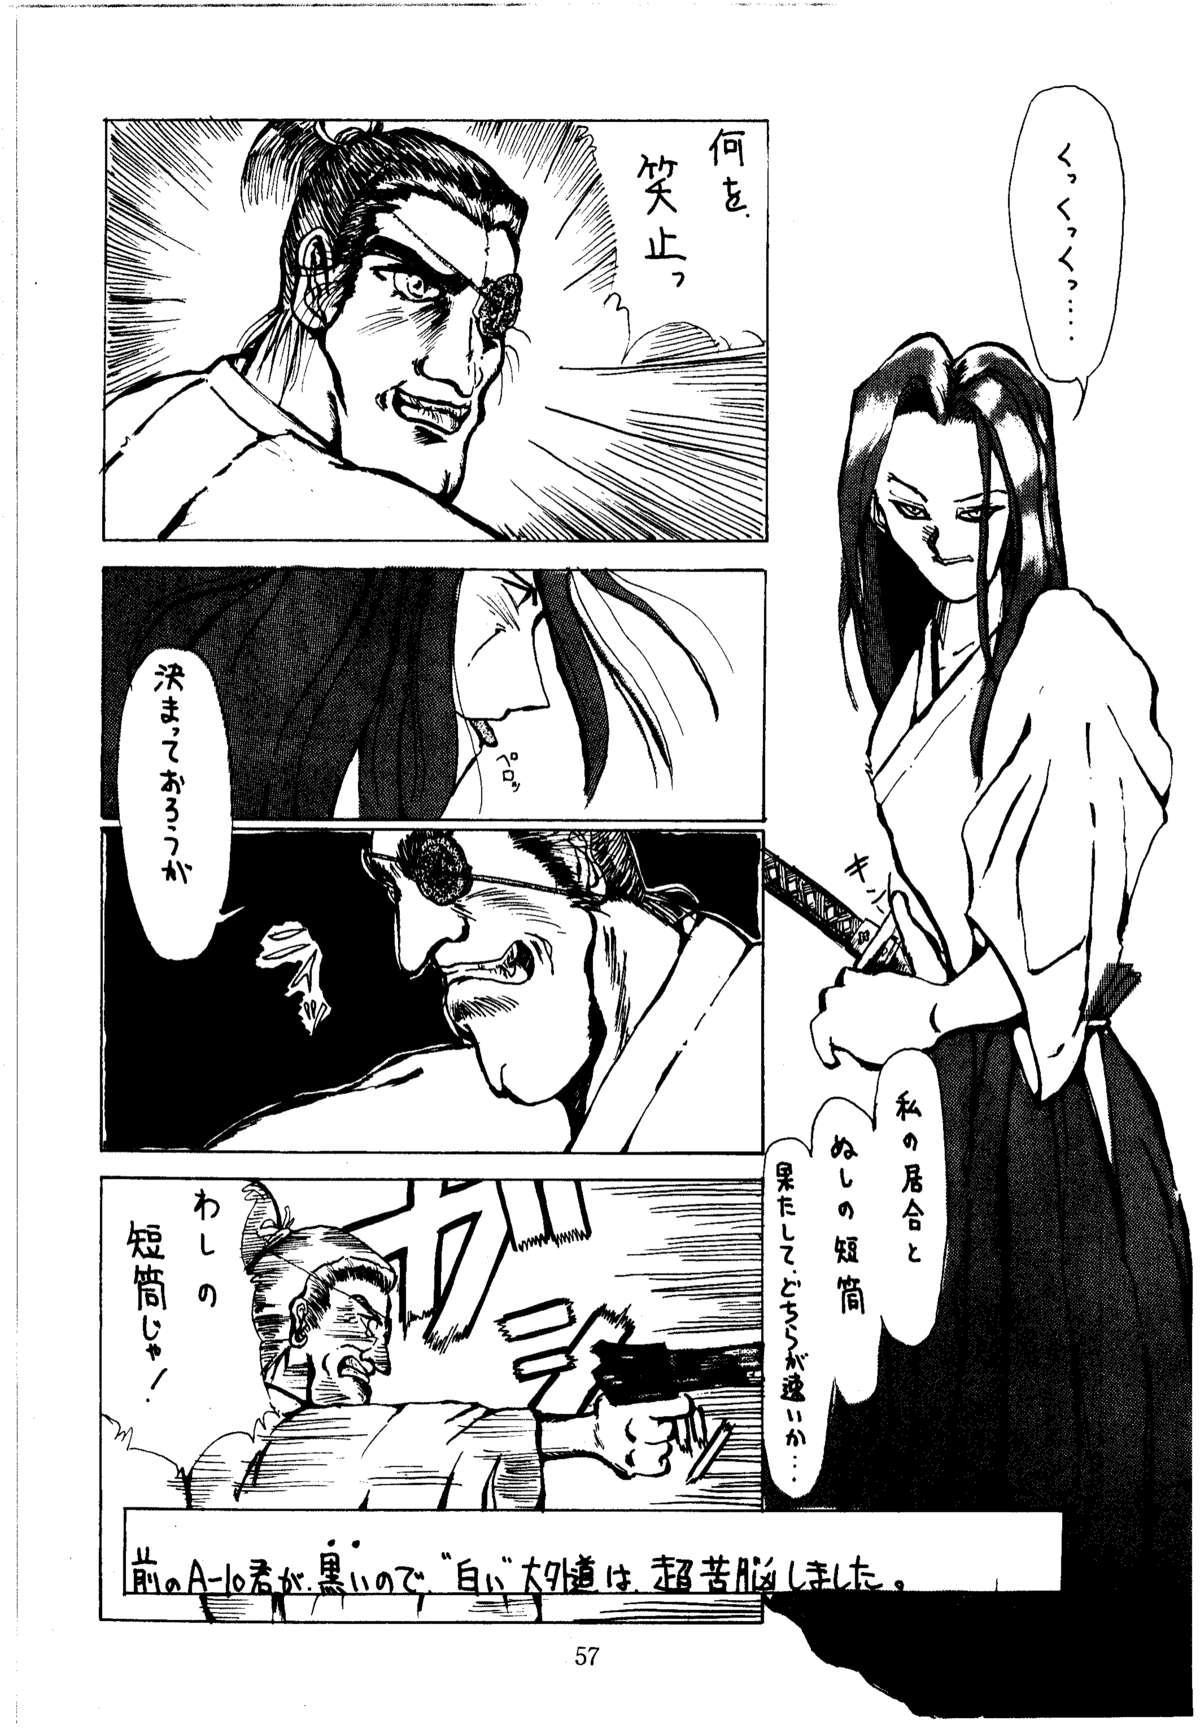 Shikiyoku Hokkedan 3 56